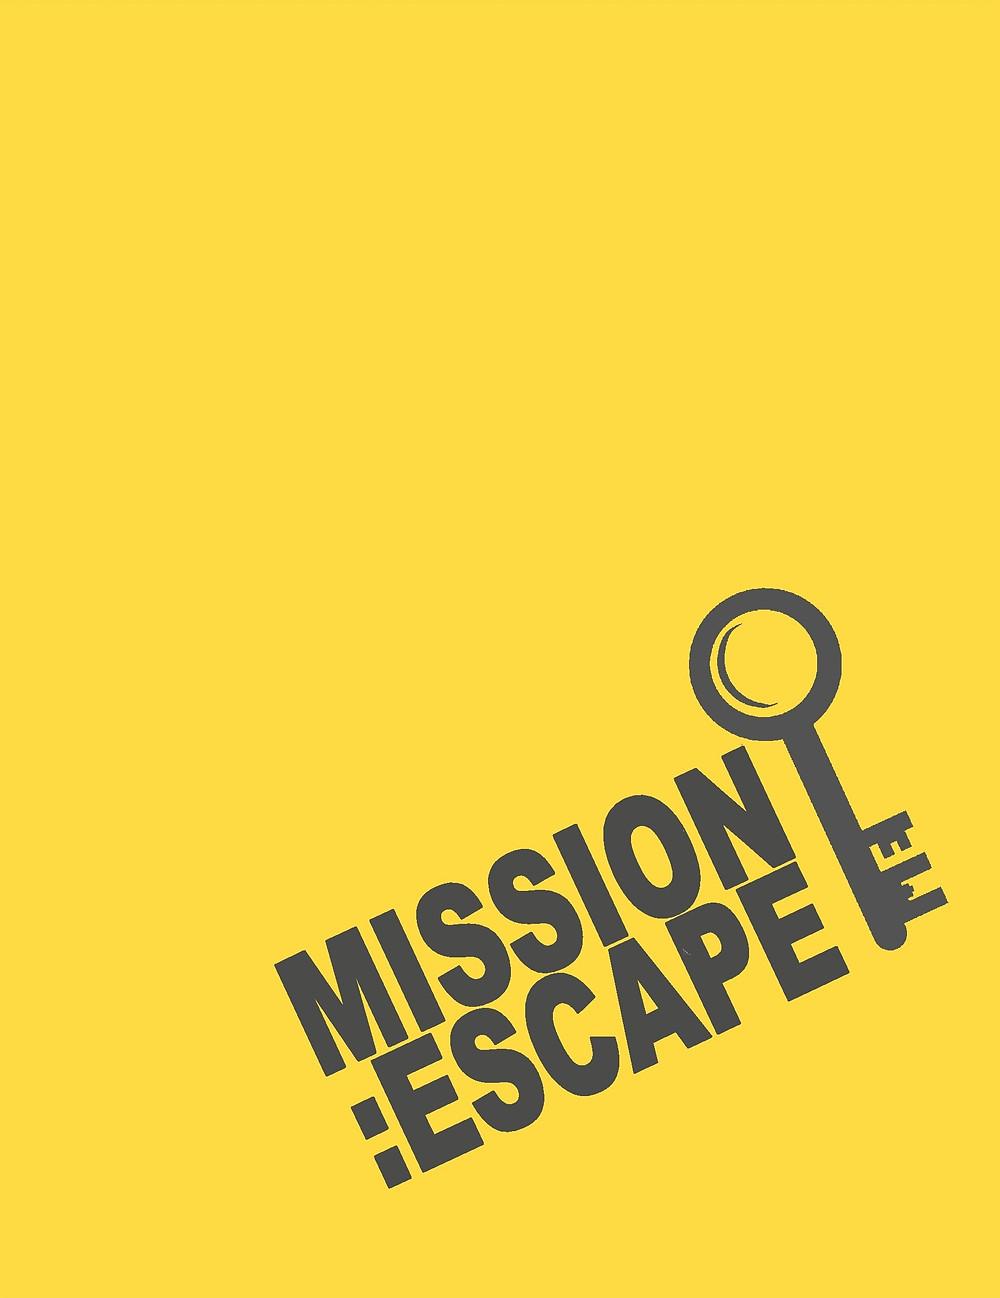 Mission Escape Mallorca logo